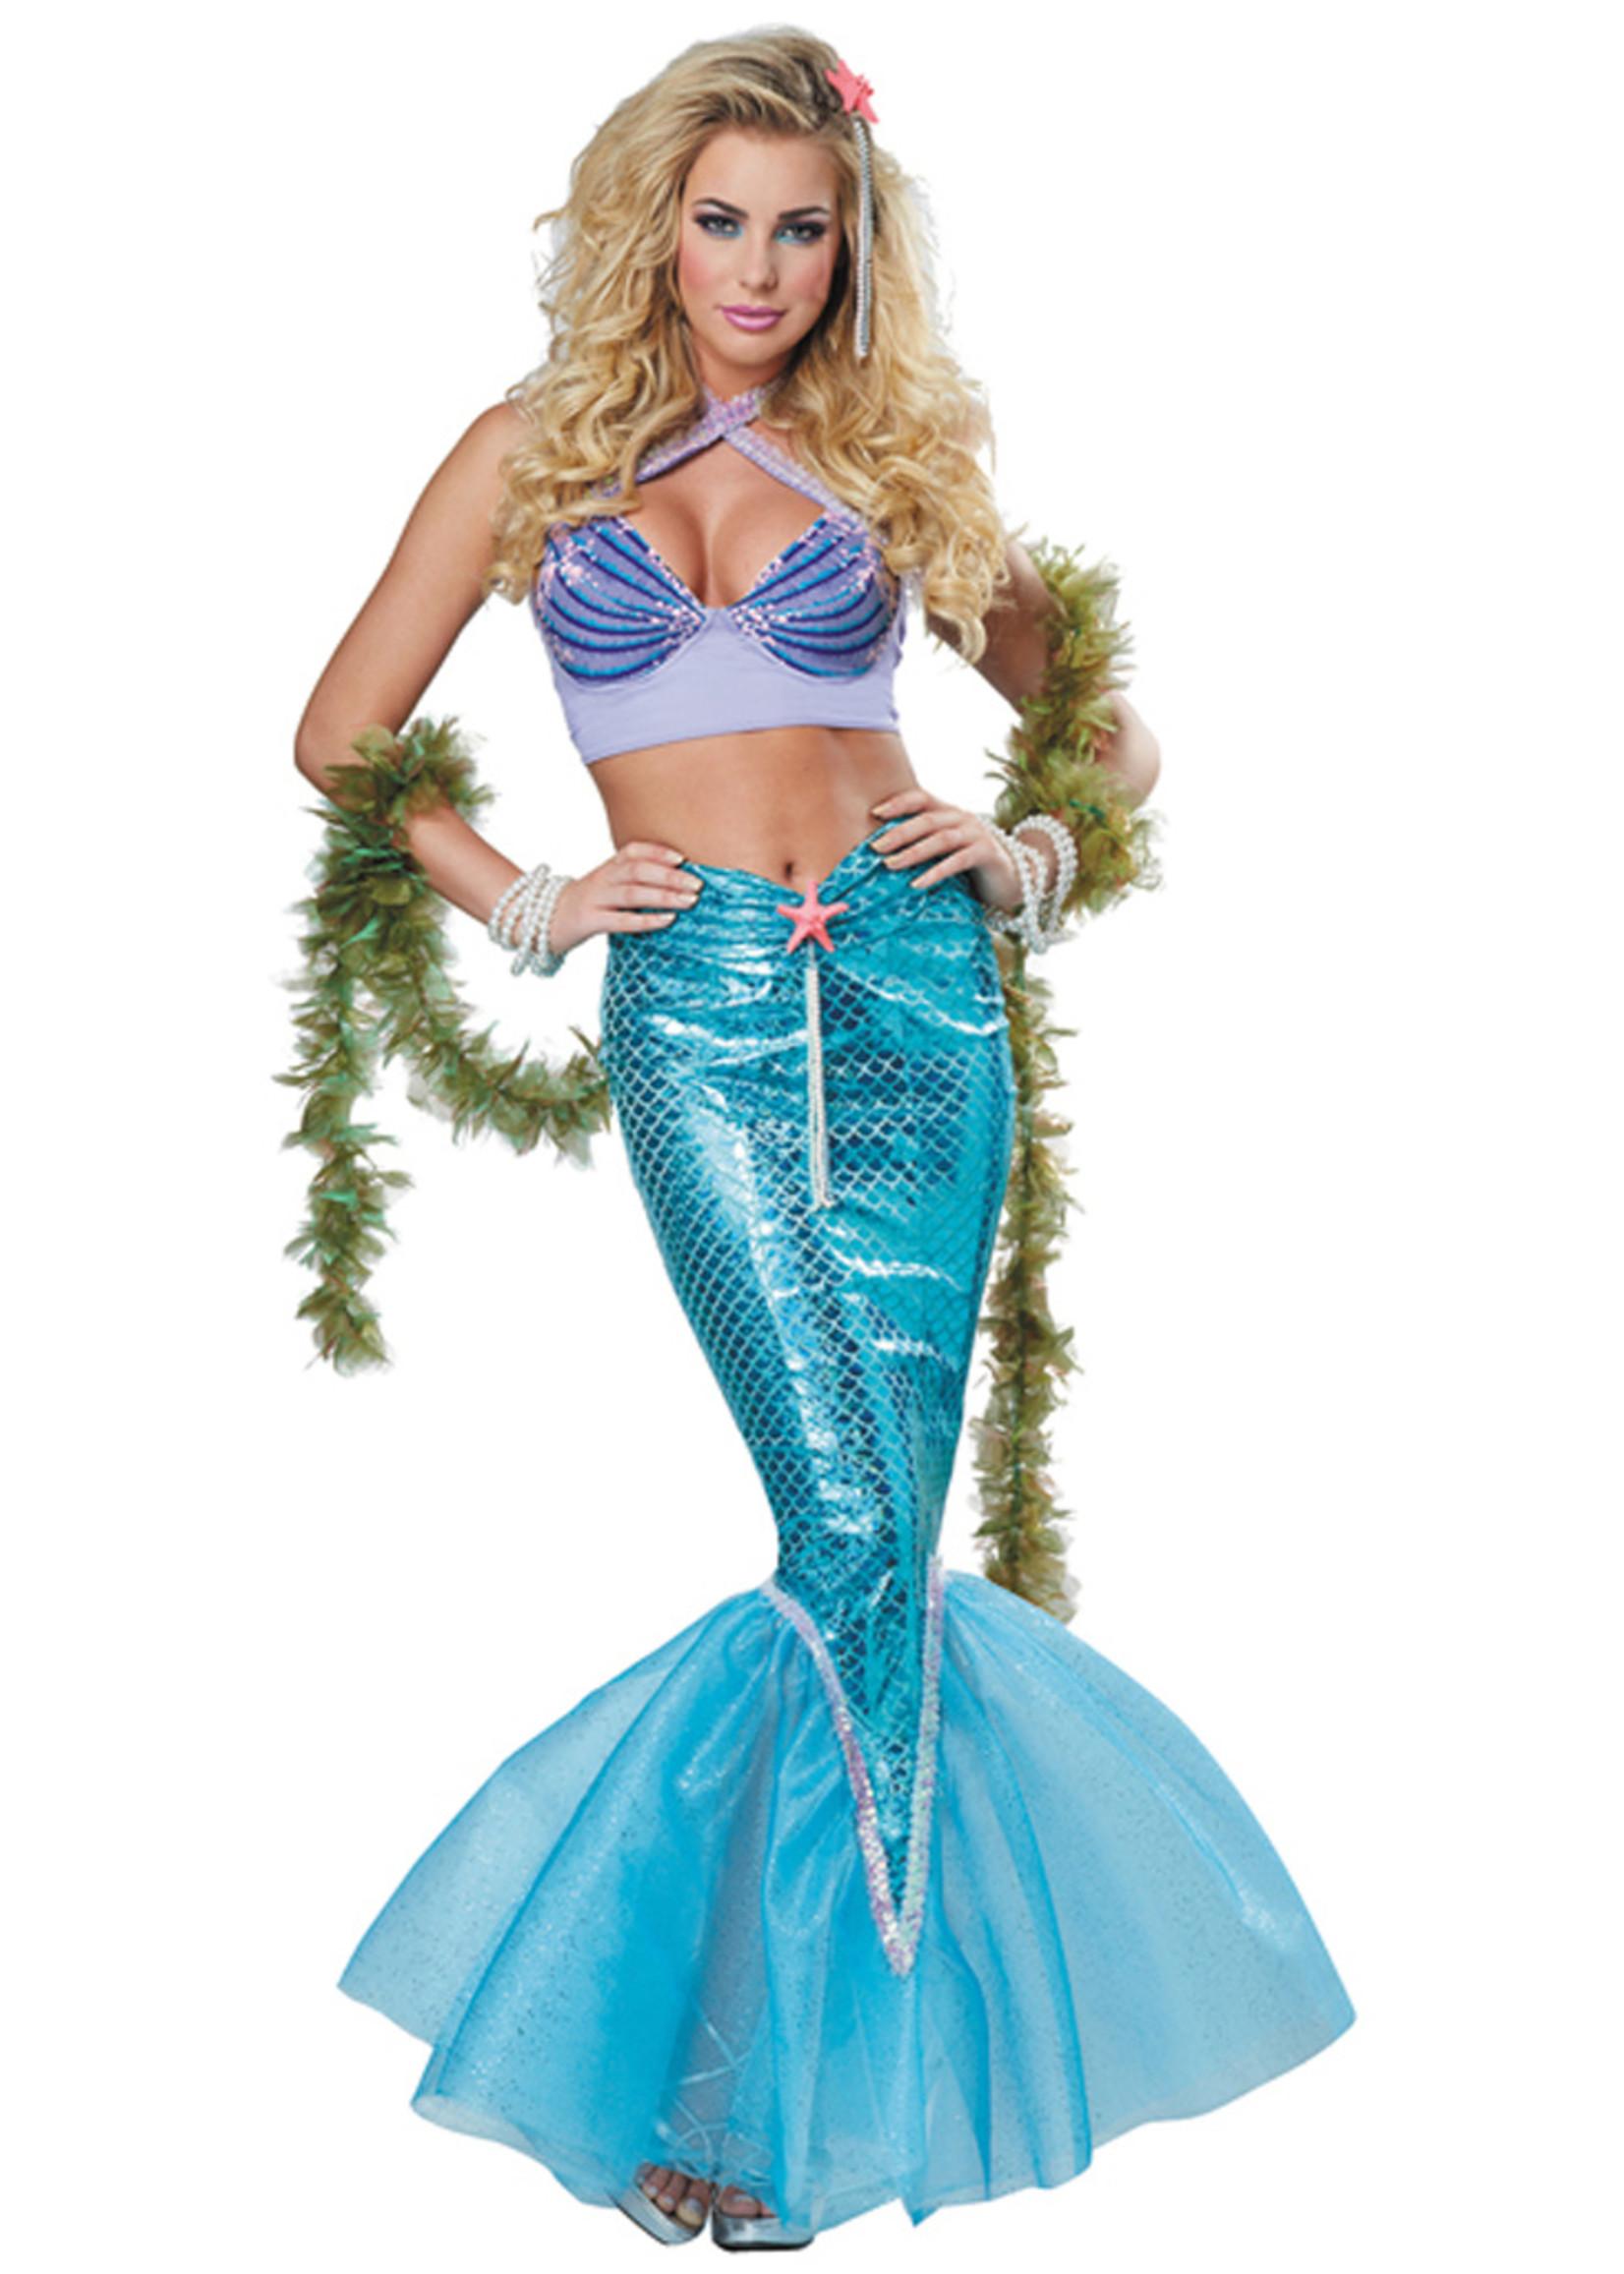 Mermaid Costume - Women's